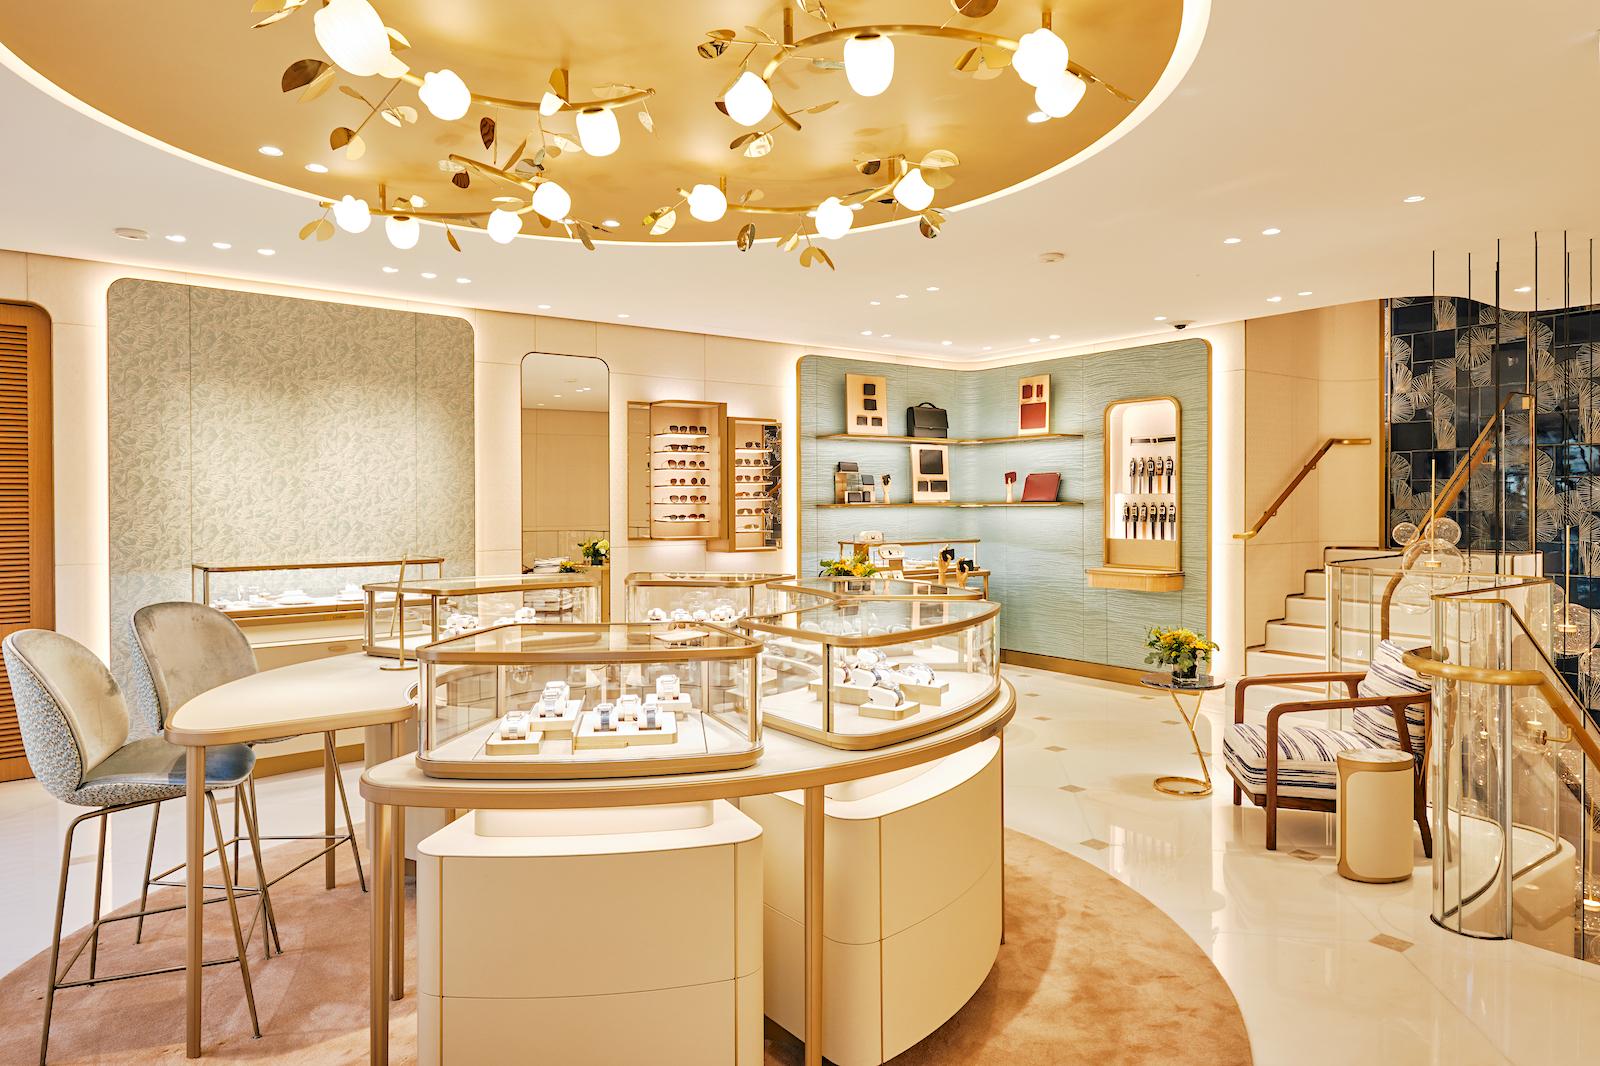 Boutique Cartier de Palma de Mallorca - primera planta 02